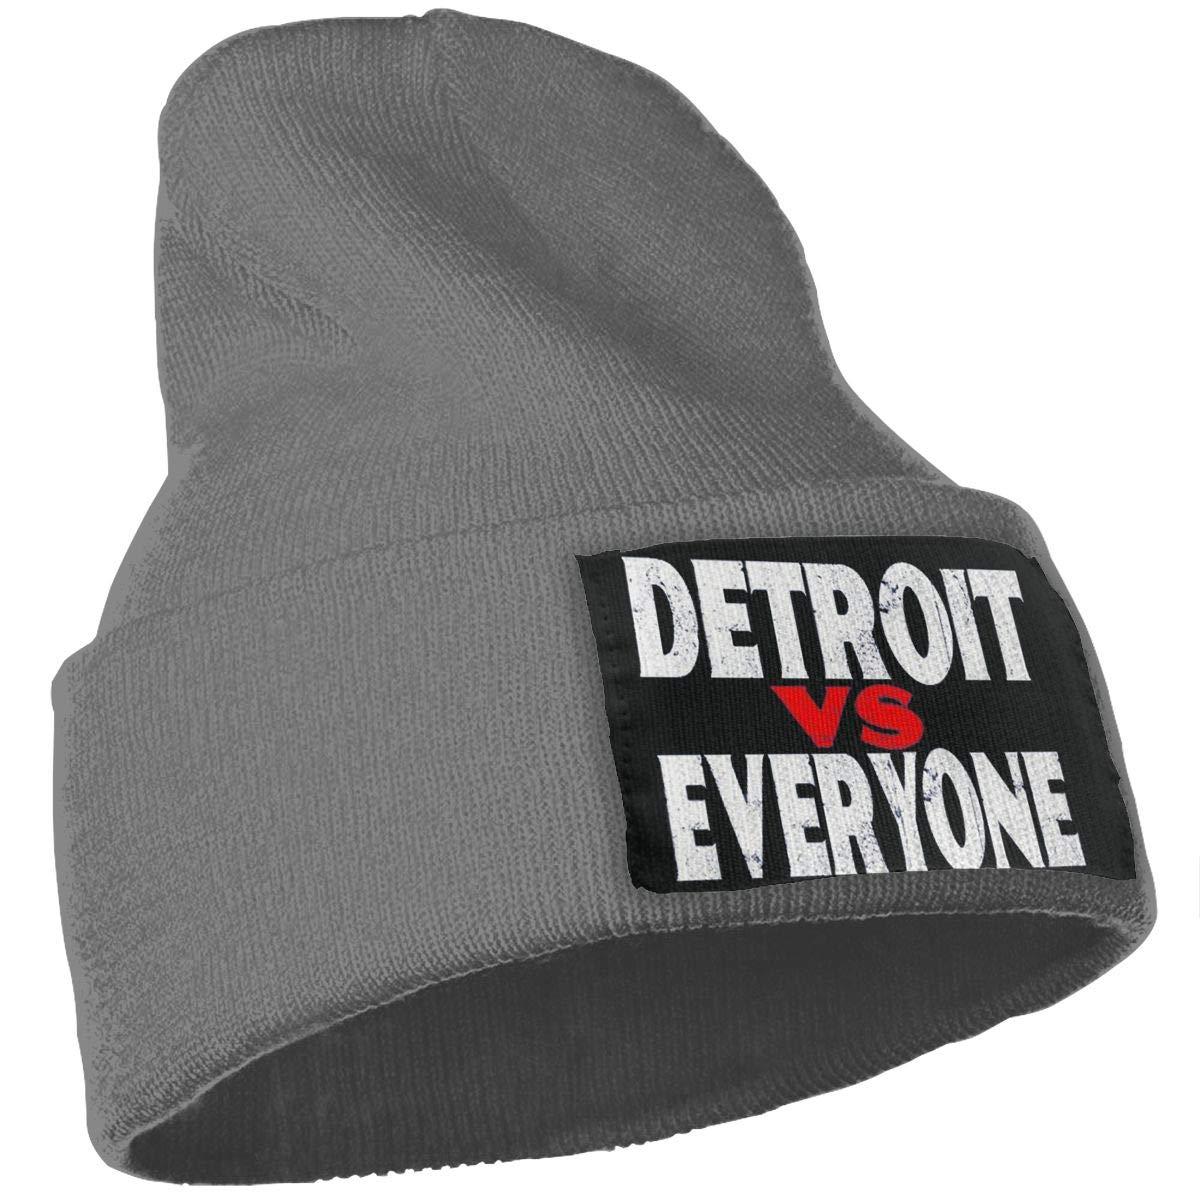 SLADDD1 Detroit Vs Everyone Warm Winter Hat Knit Beanie Skull Cap Cuff Beanie Hat Winter Hats for Men /& Women